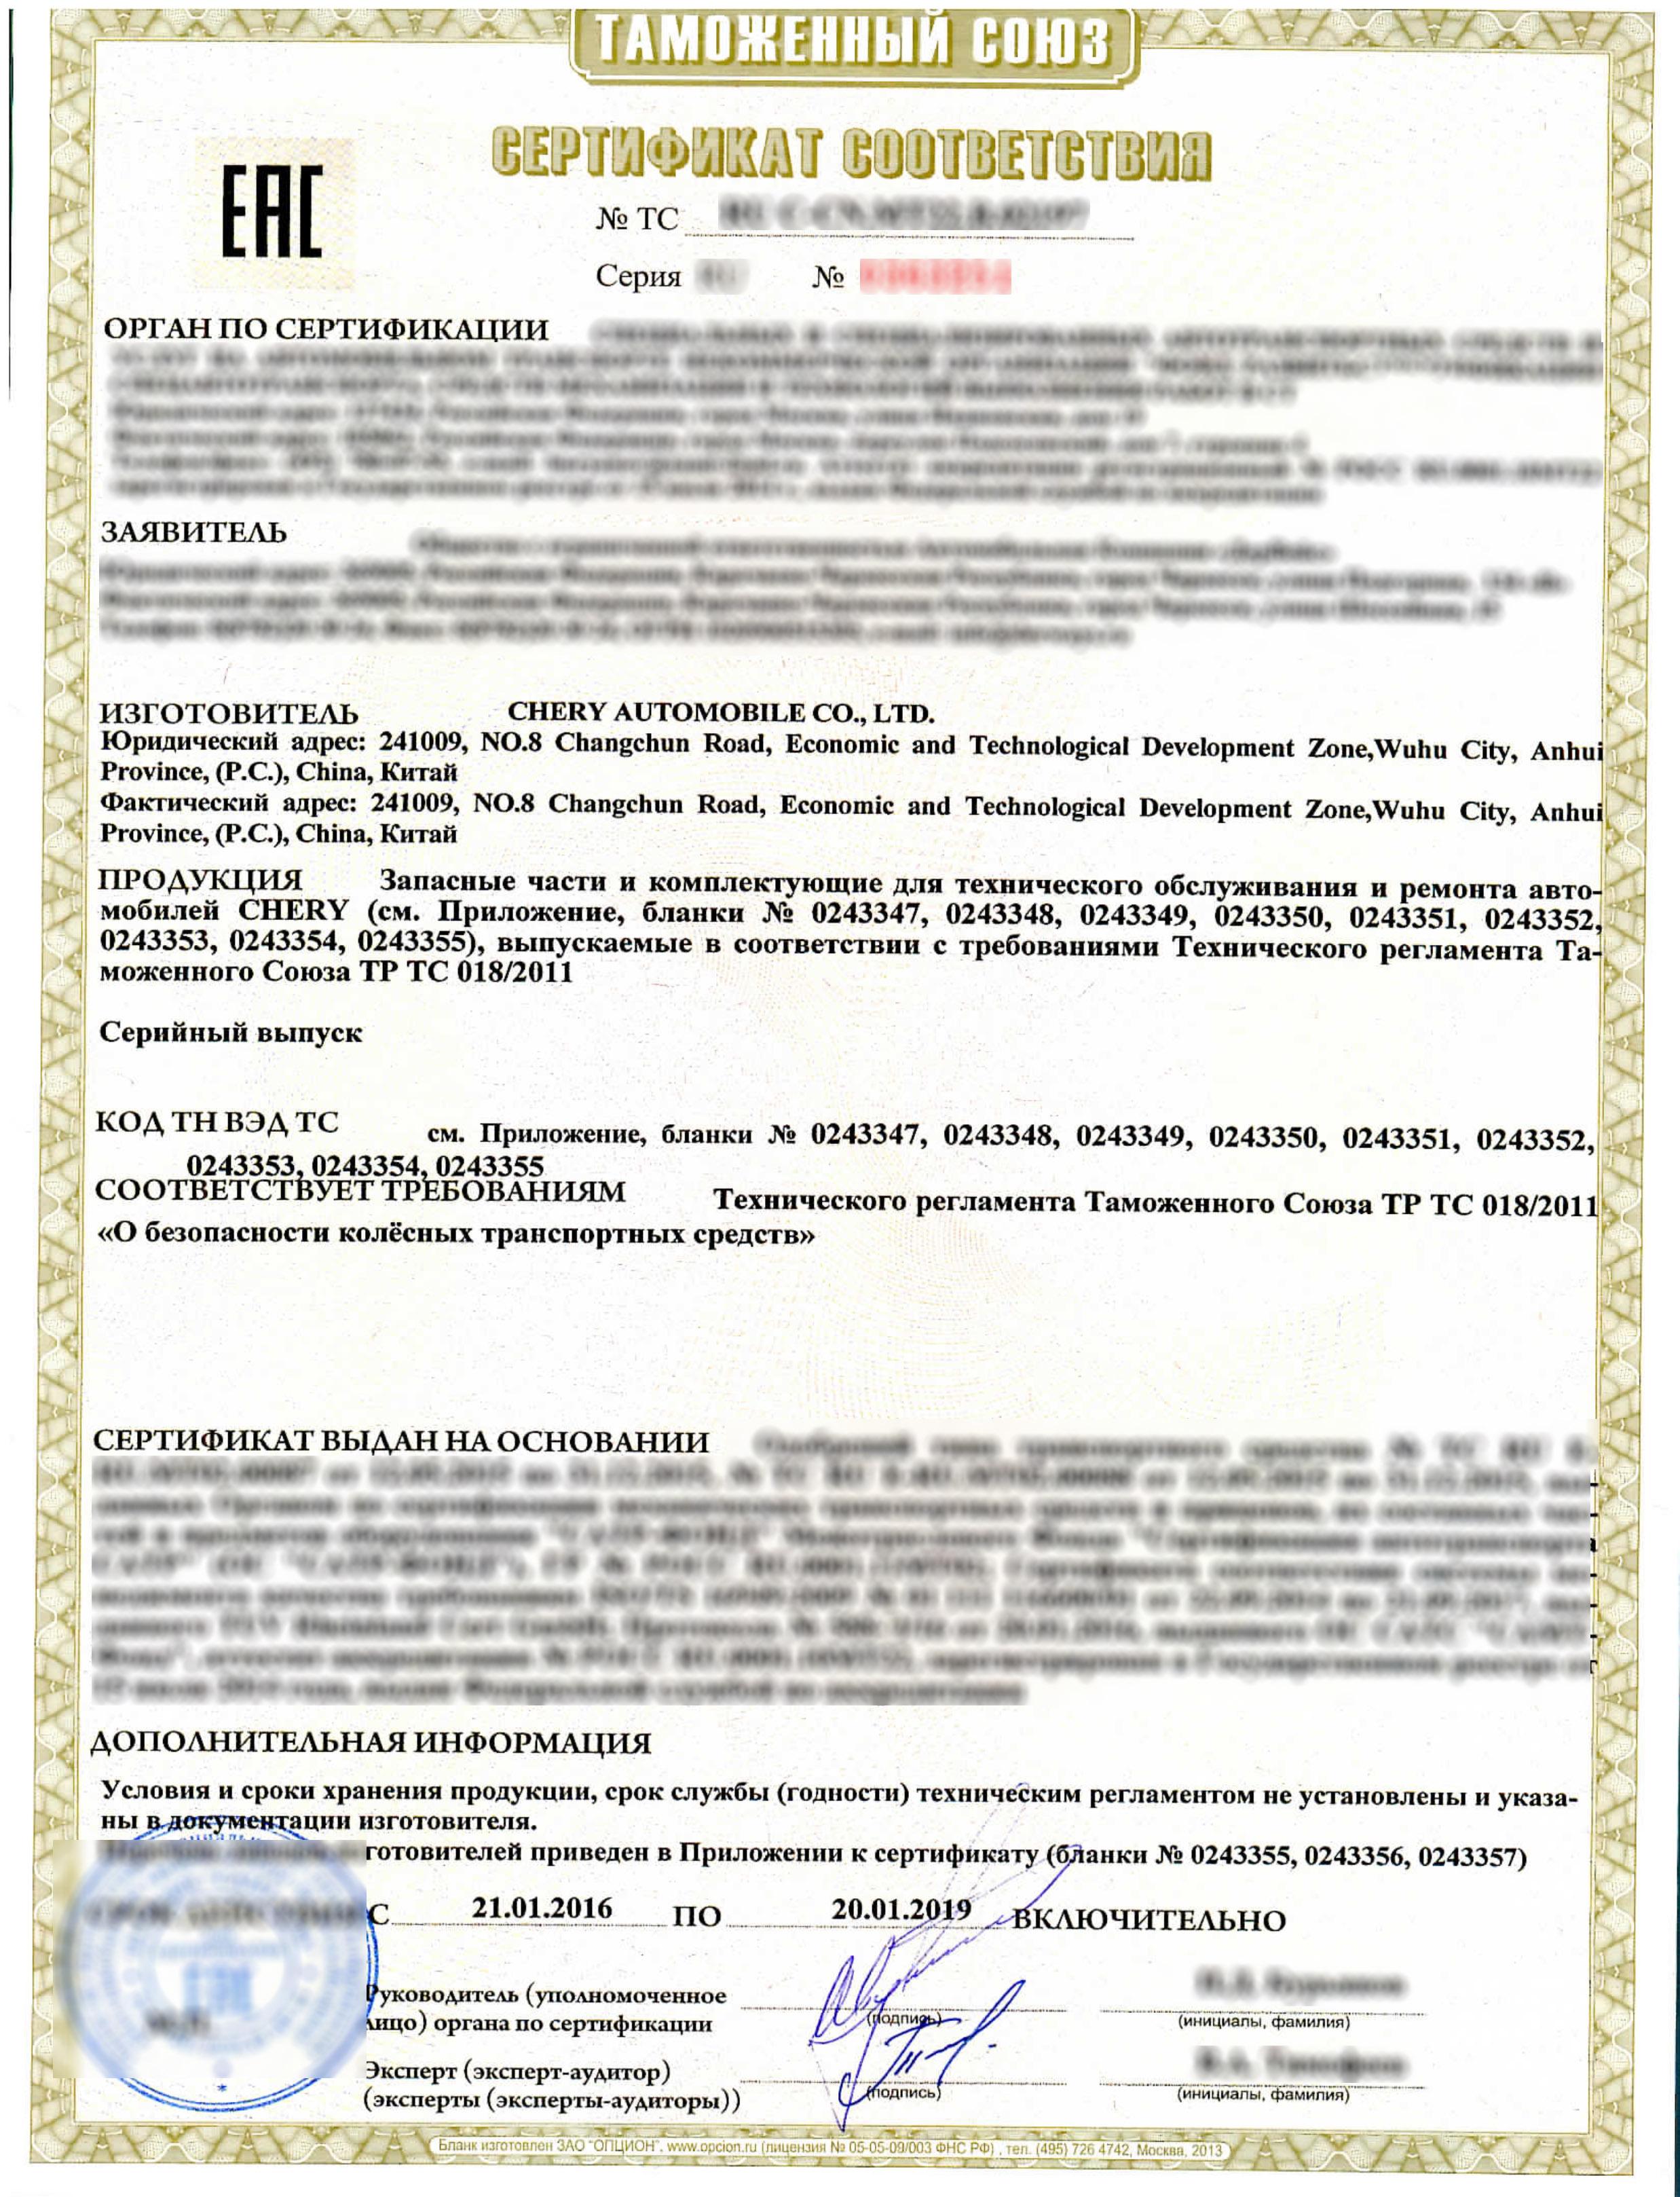 пример сертификата соответствия тр тс 018